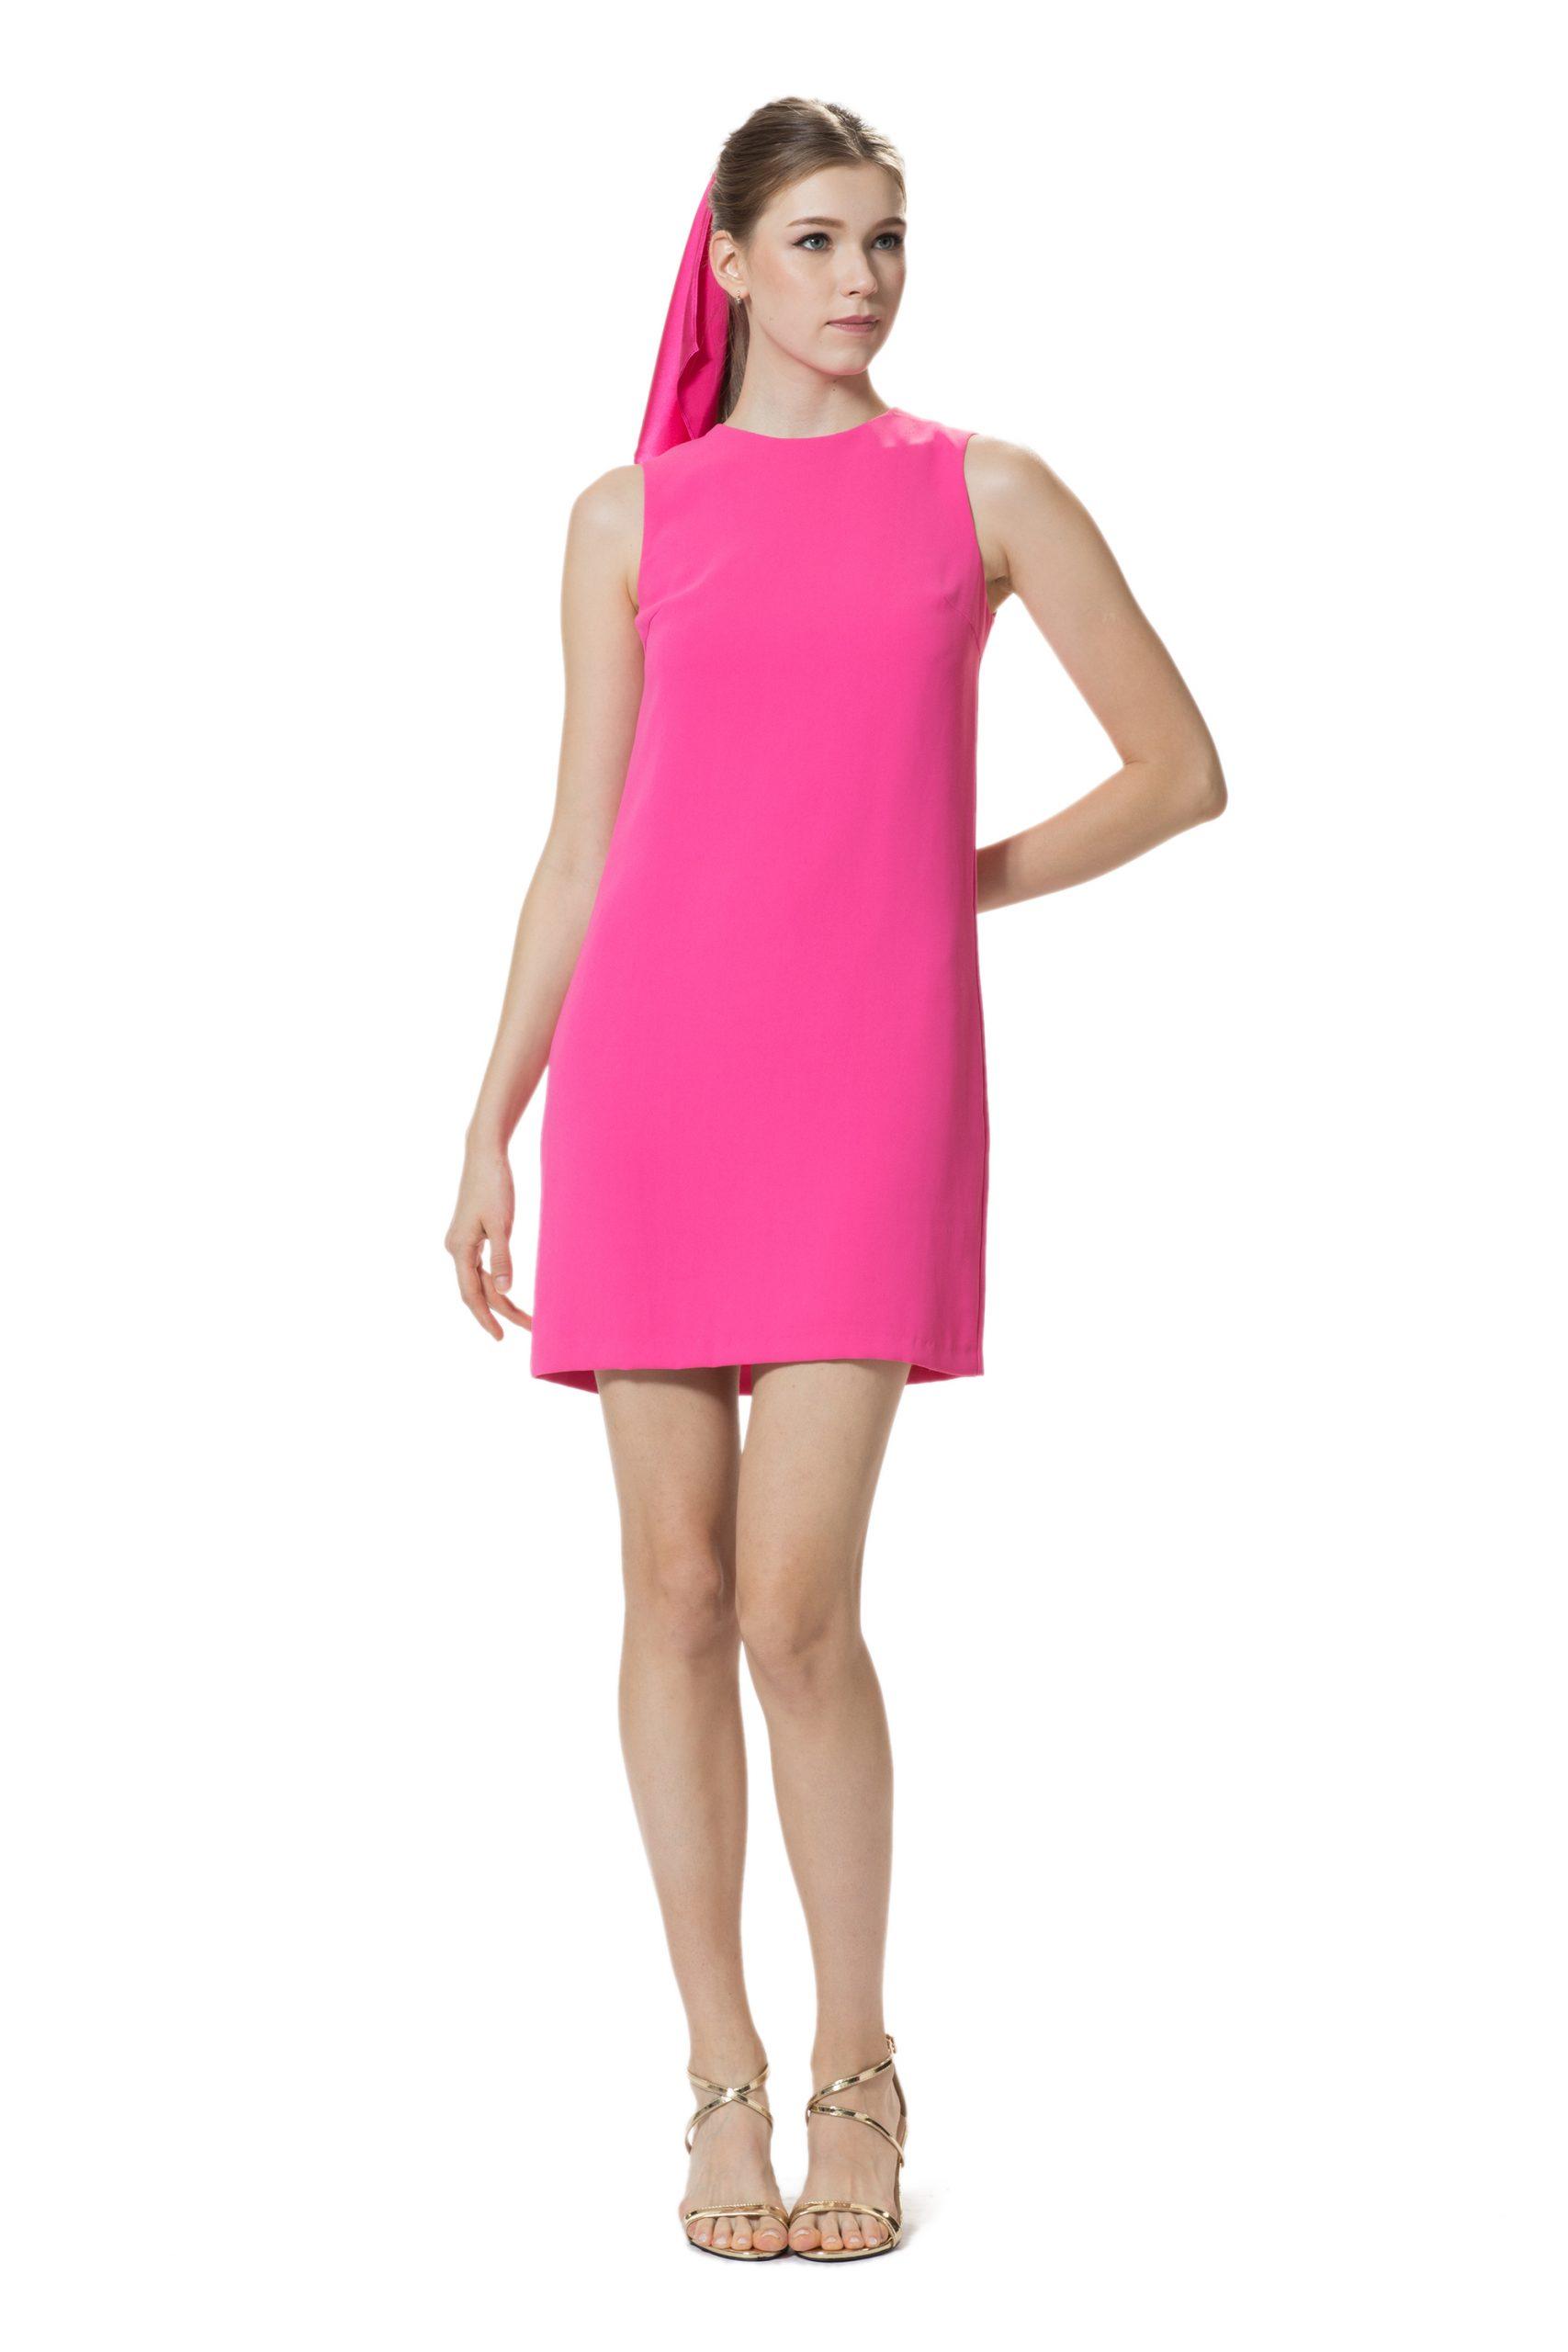 6595 Mello - Popover Pink